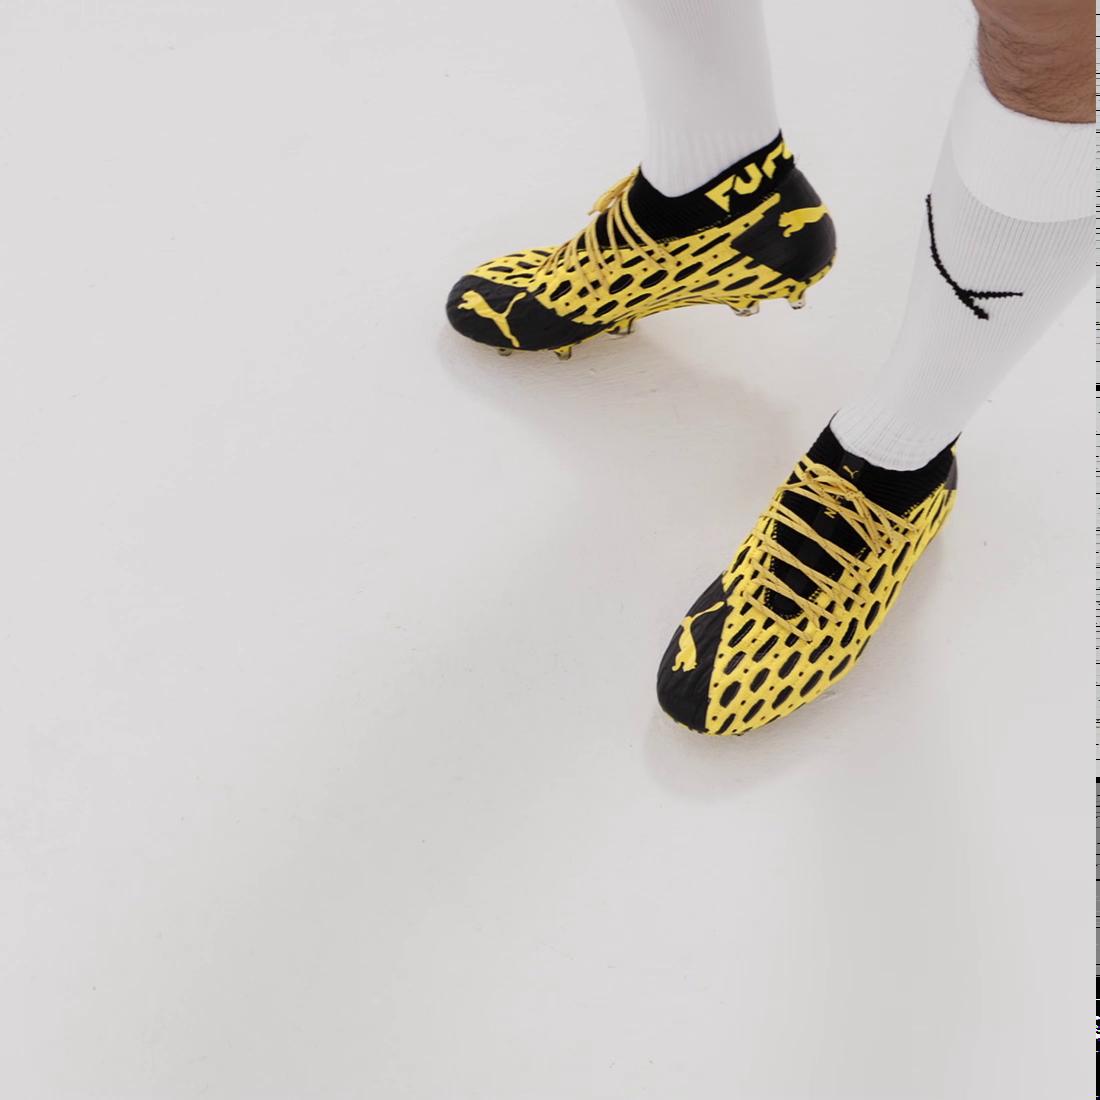 Imagen PUMA Zapatos de fútbol FUTURE 5.1 NETFIT FG/AG para hombre #9